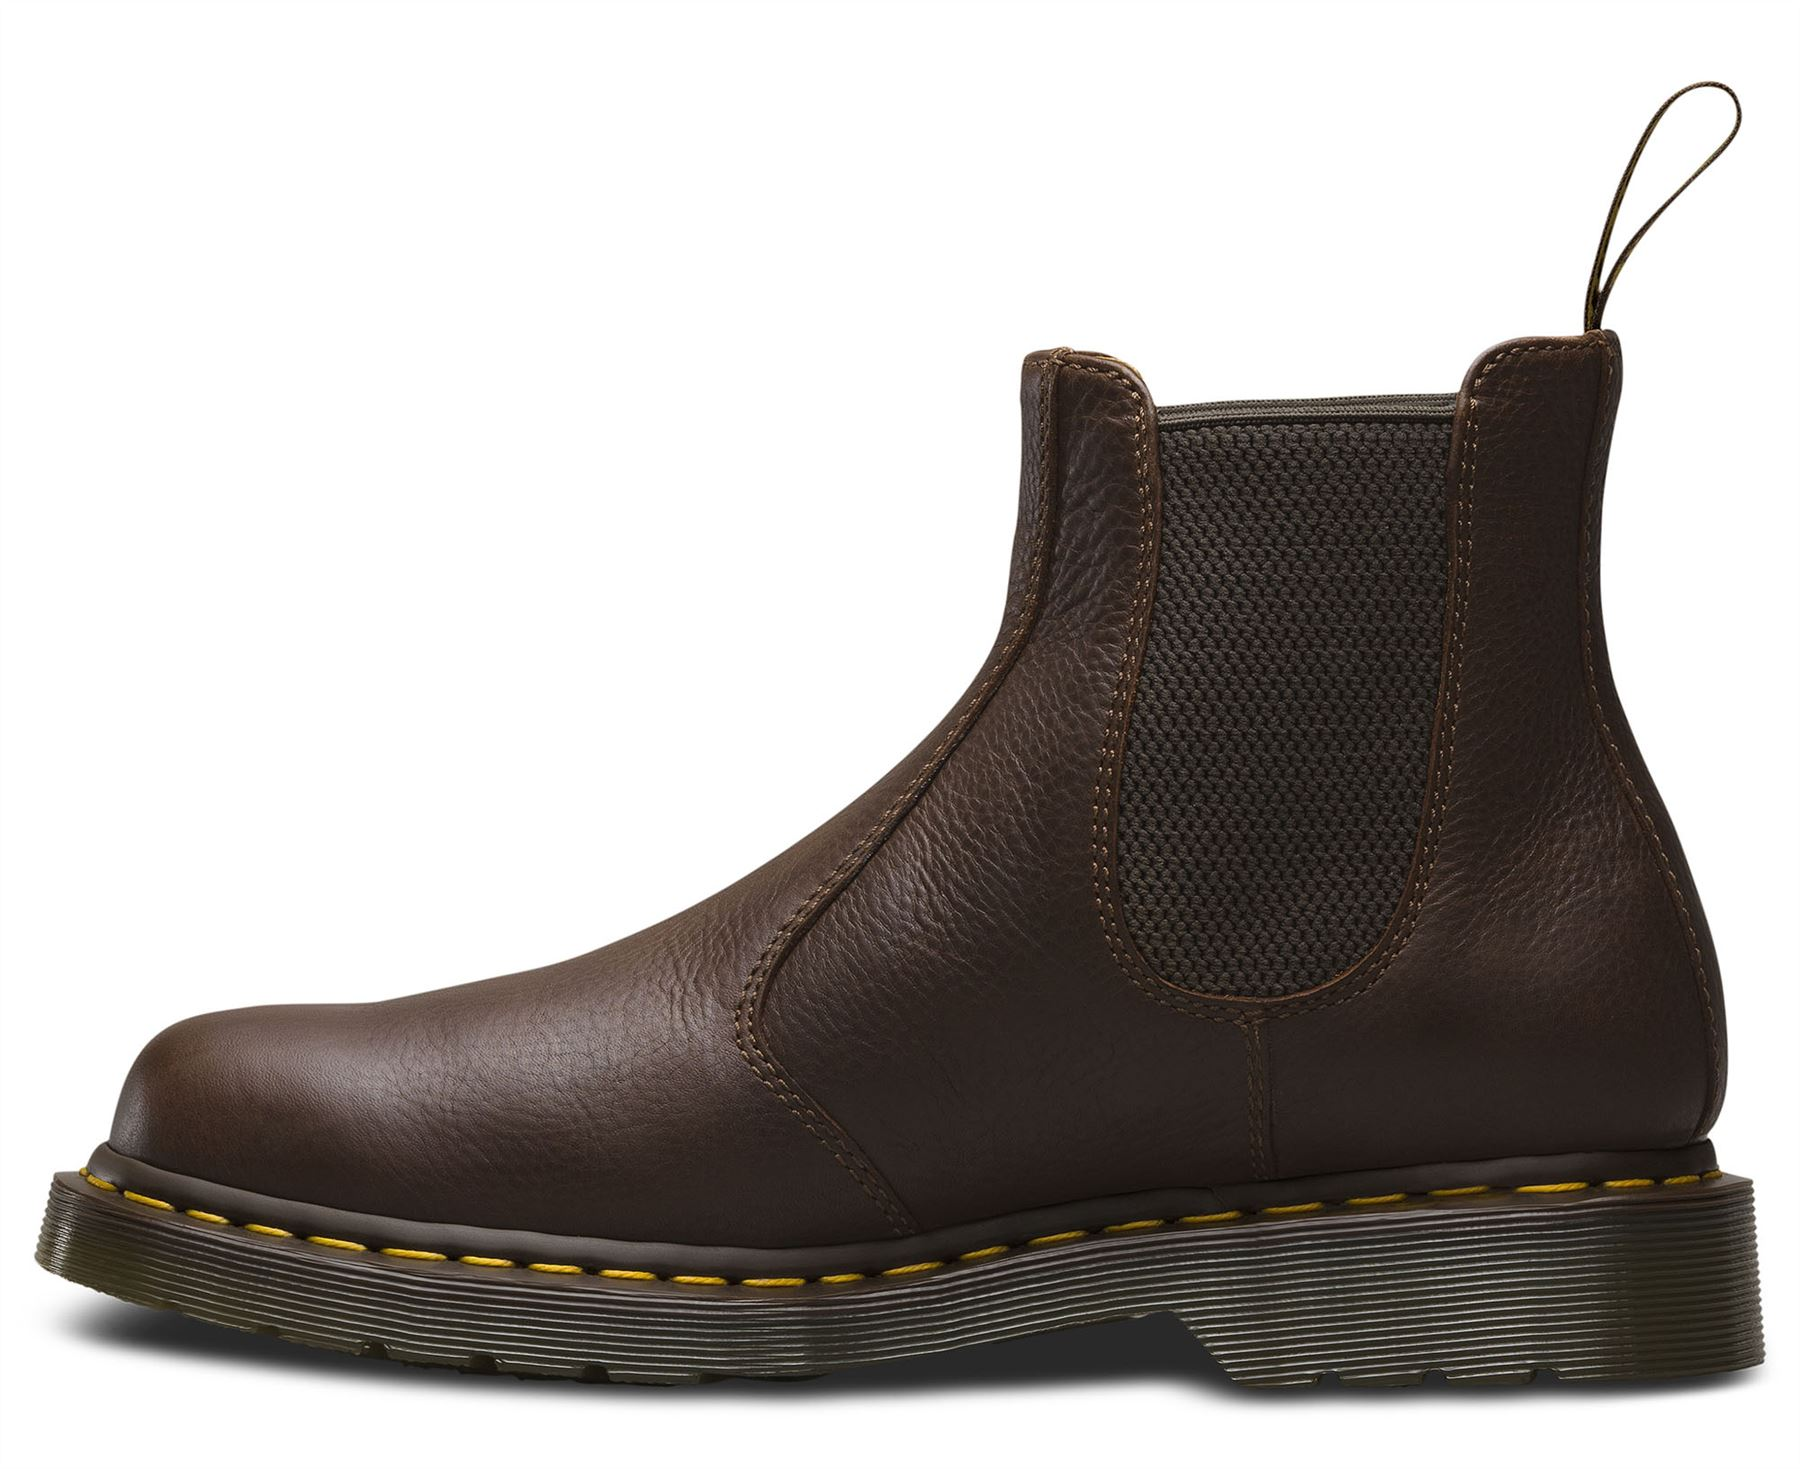 dr martens mens 2976 chelsea dealer premium carpathian leather ankle doc boots (11 uk12 m us, carpathian tan)